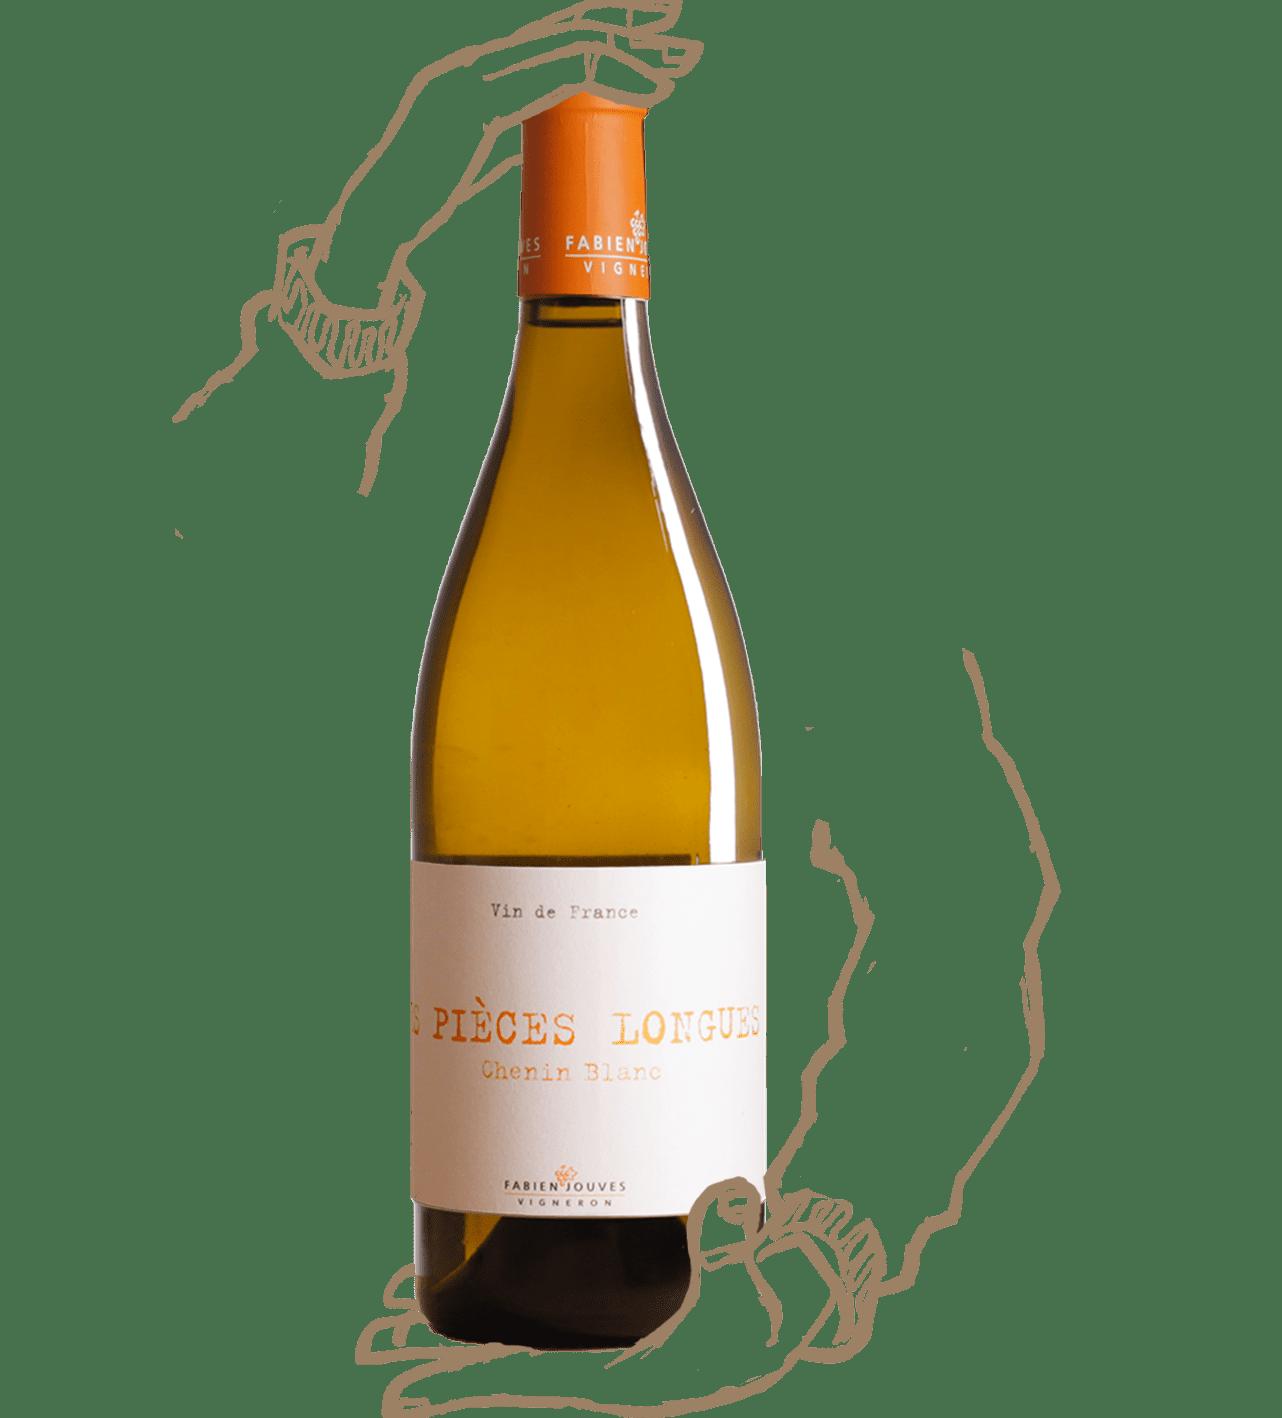 Les pièces longues est un vin naturel de Fabien jouves du domaine mas del périé